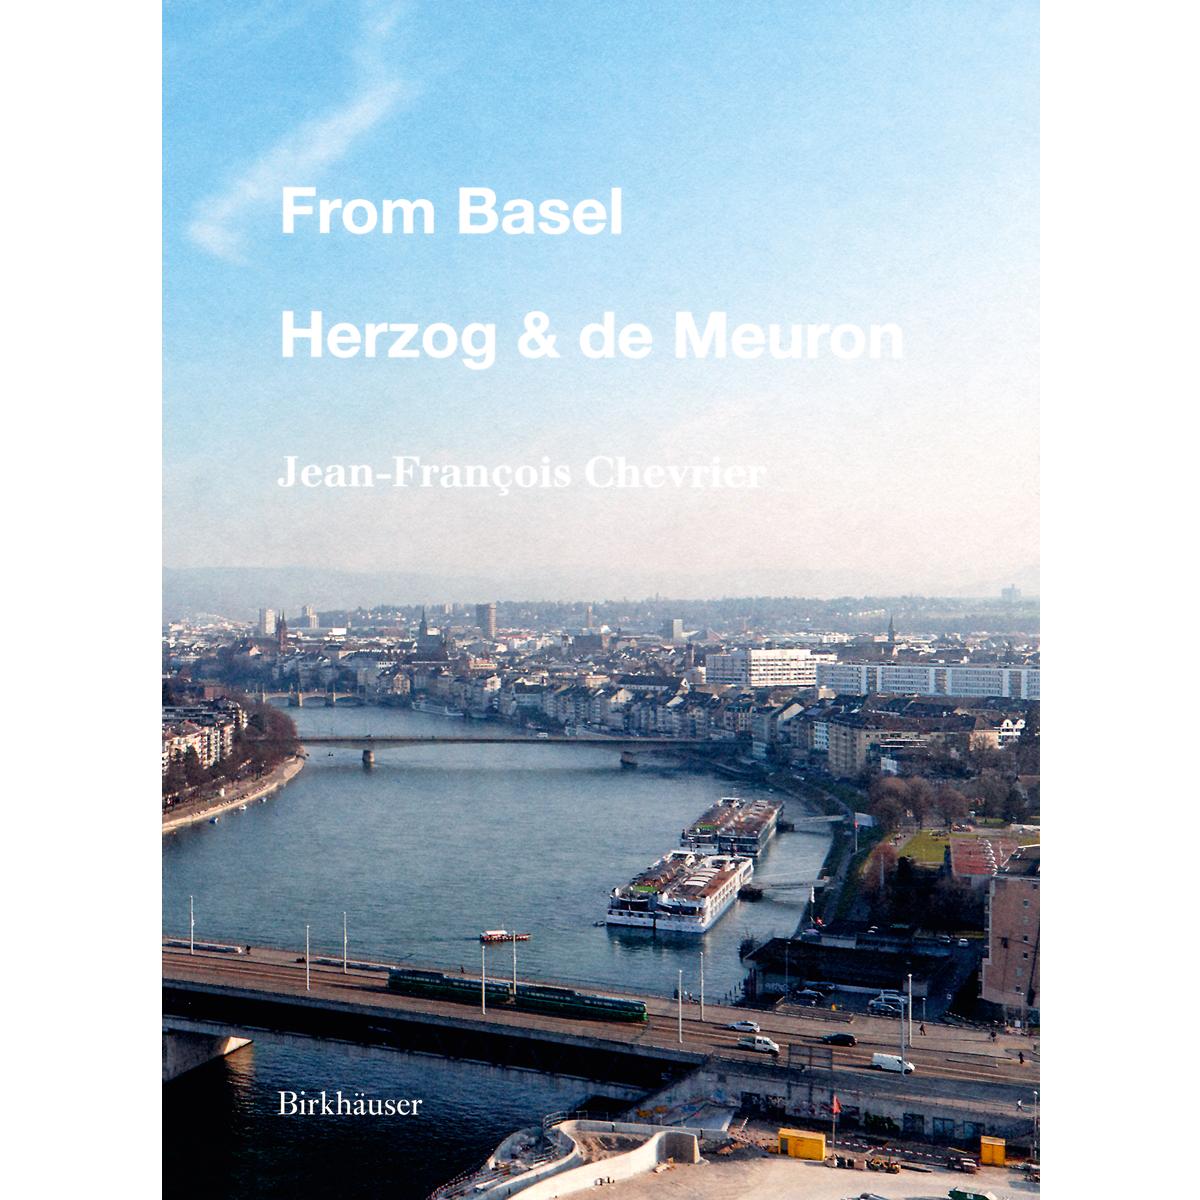 From Basel, Herzog & de Meuron